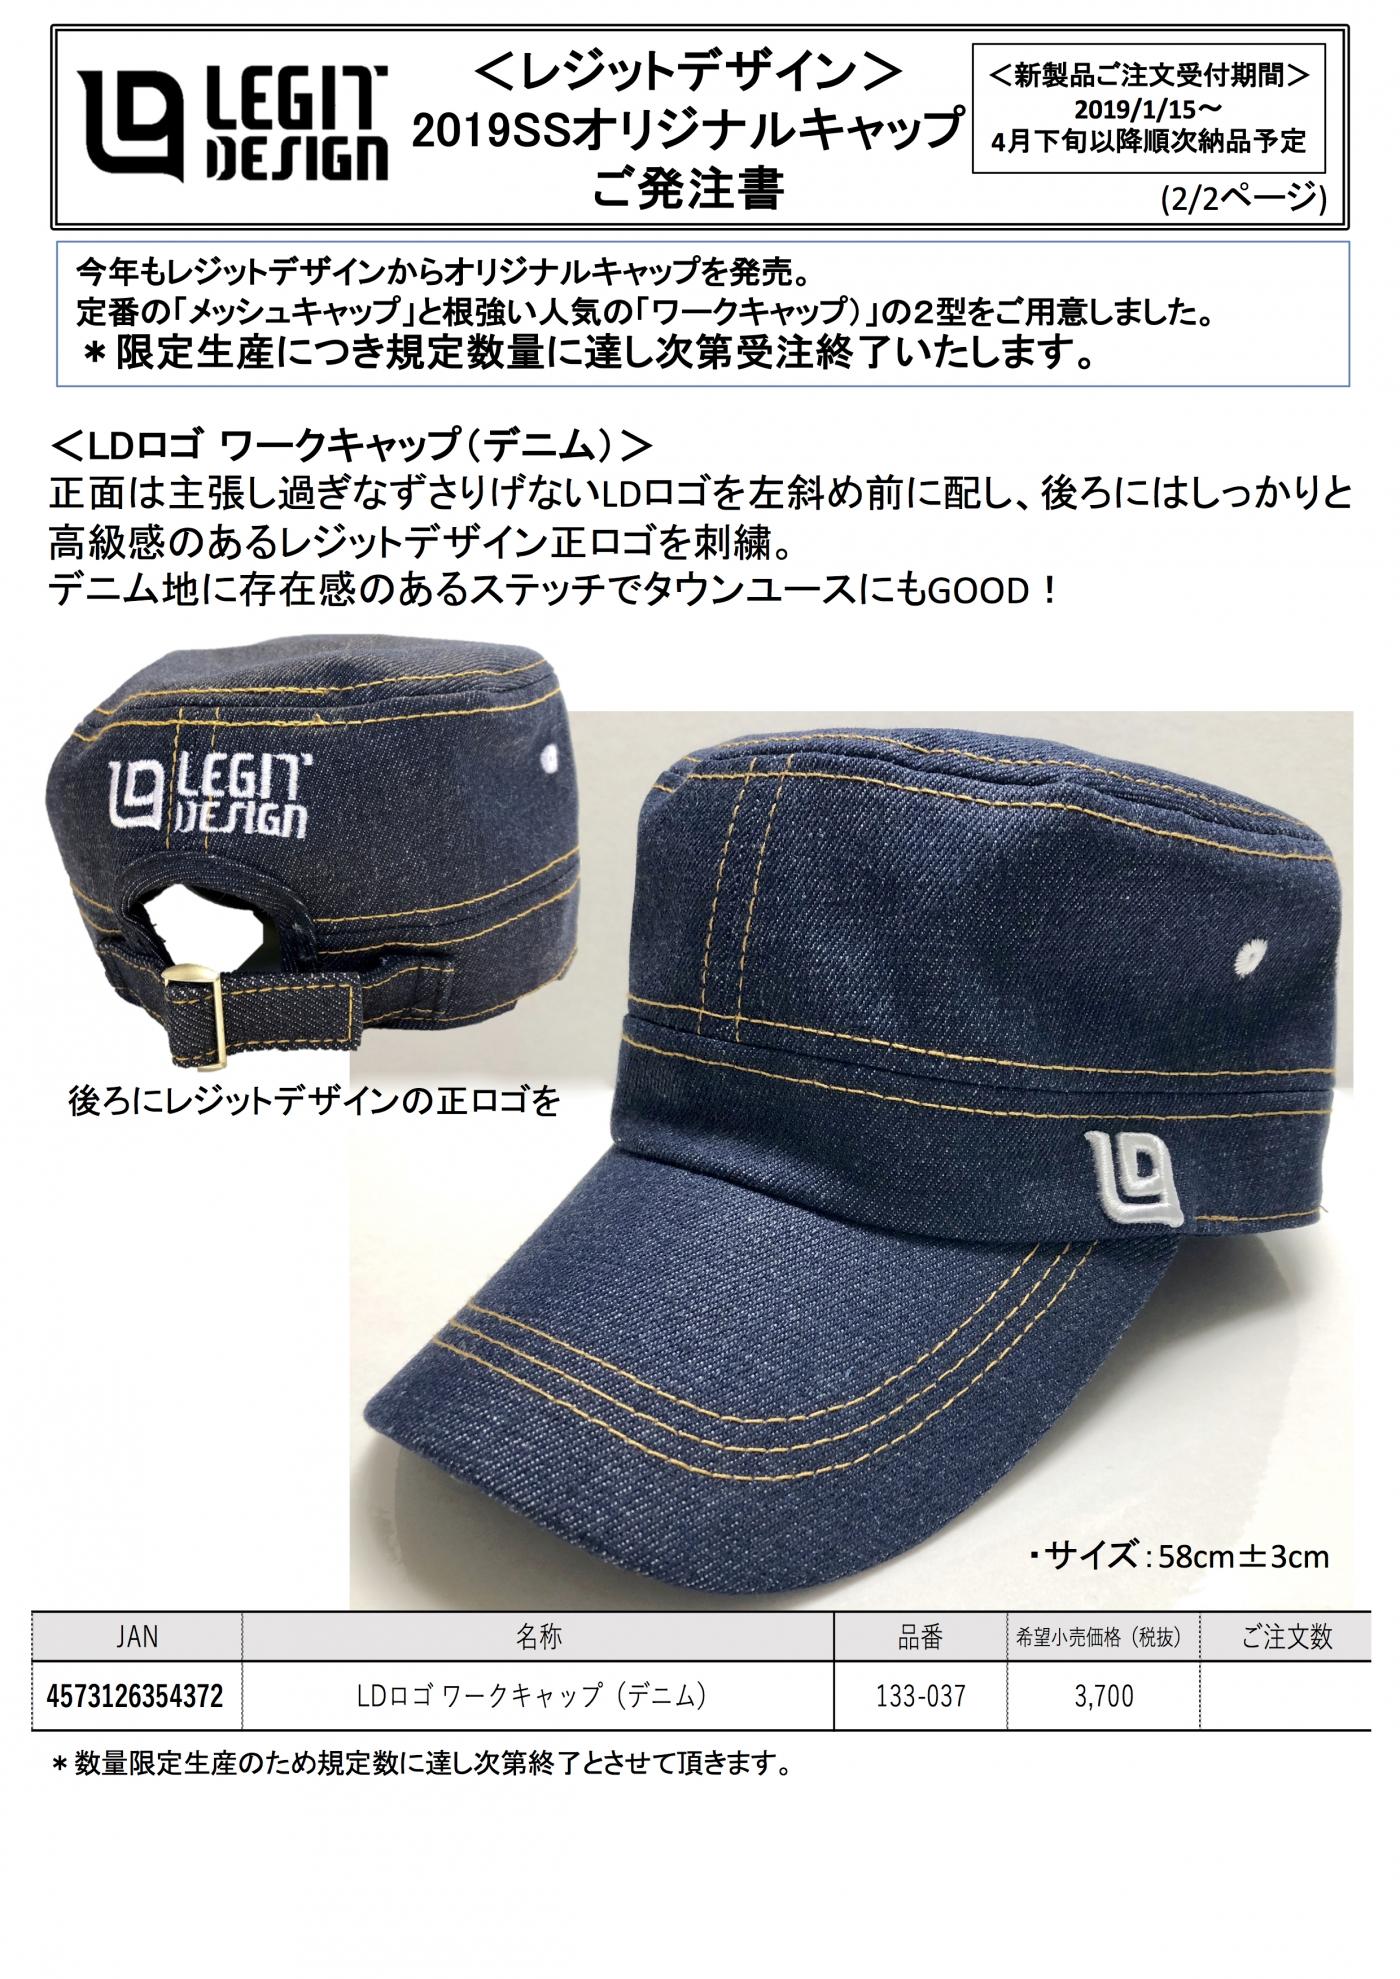 (CAP)LD2019発注書2